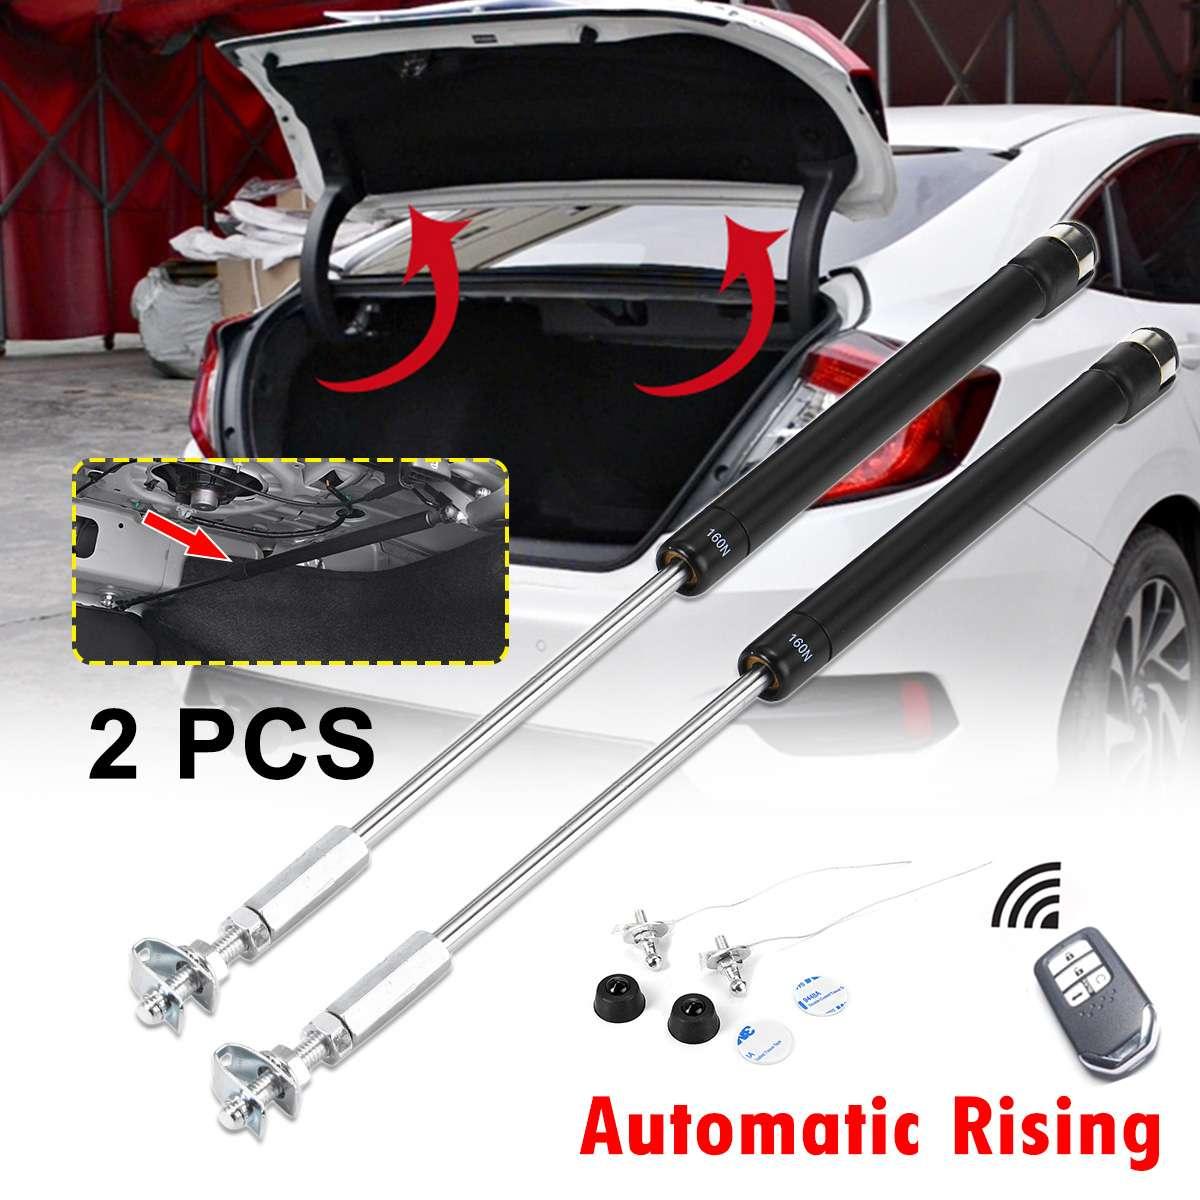 1 par 160N automático de elevación de la puerta del maletero trasero soporte de resorte de Gas golpes de puntal hidráulico para Honda para Civic 2016-2019